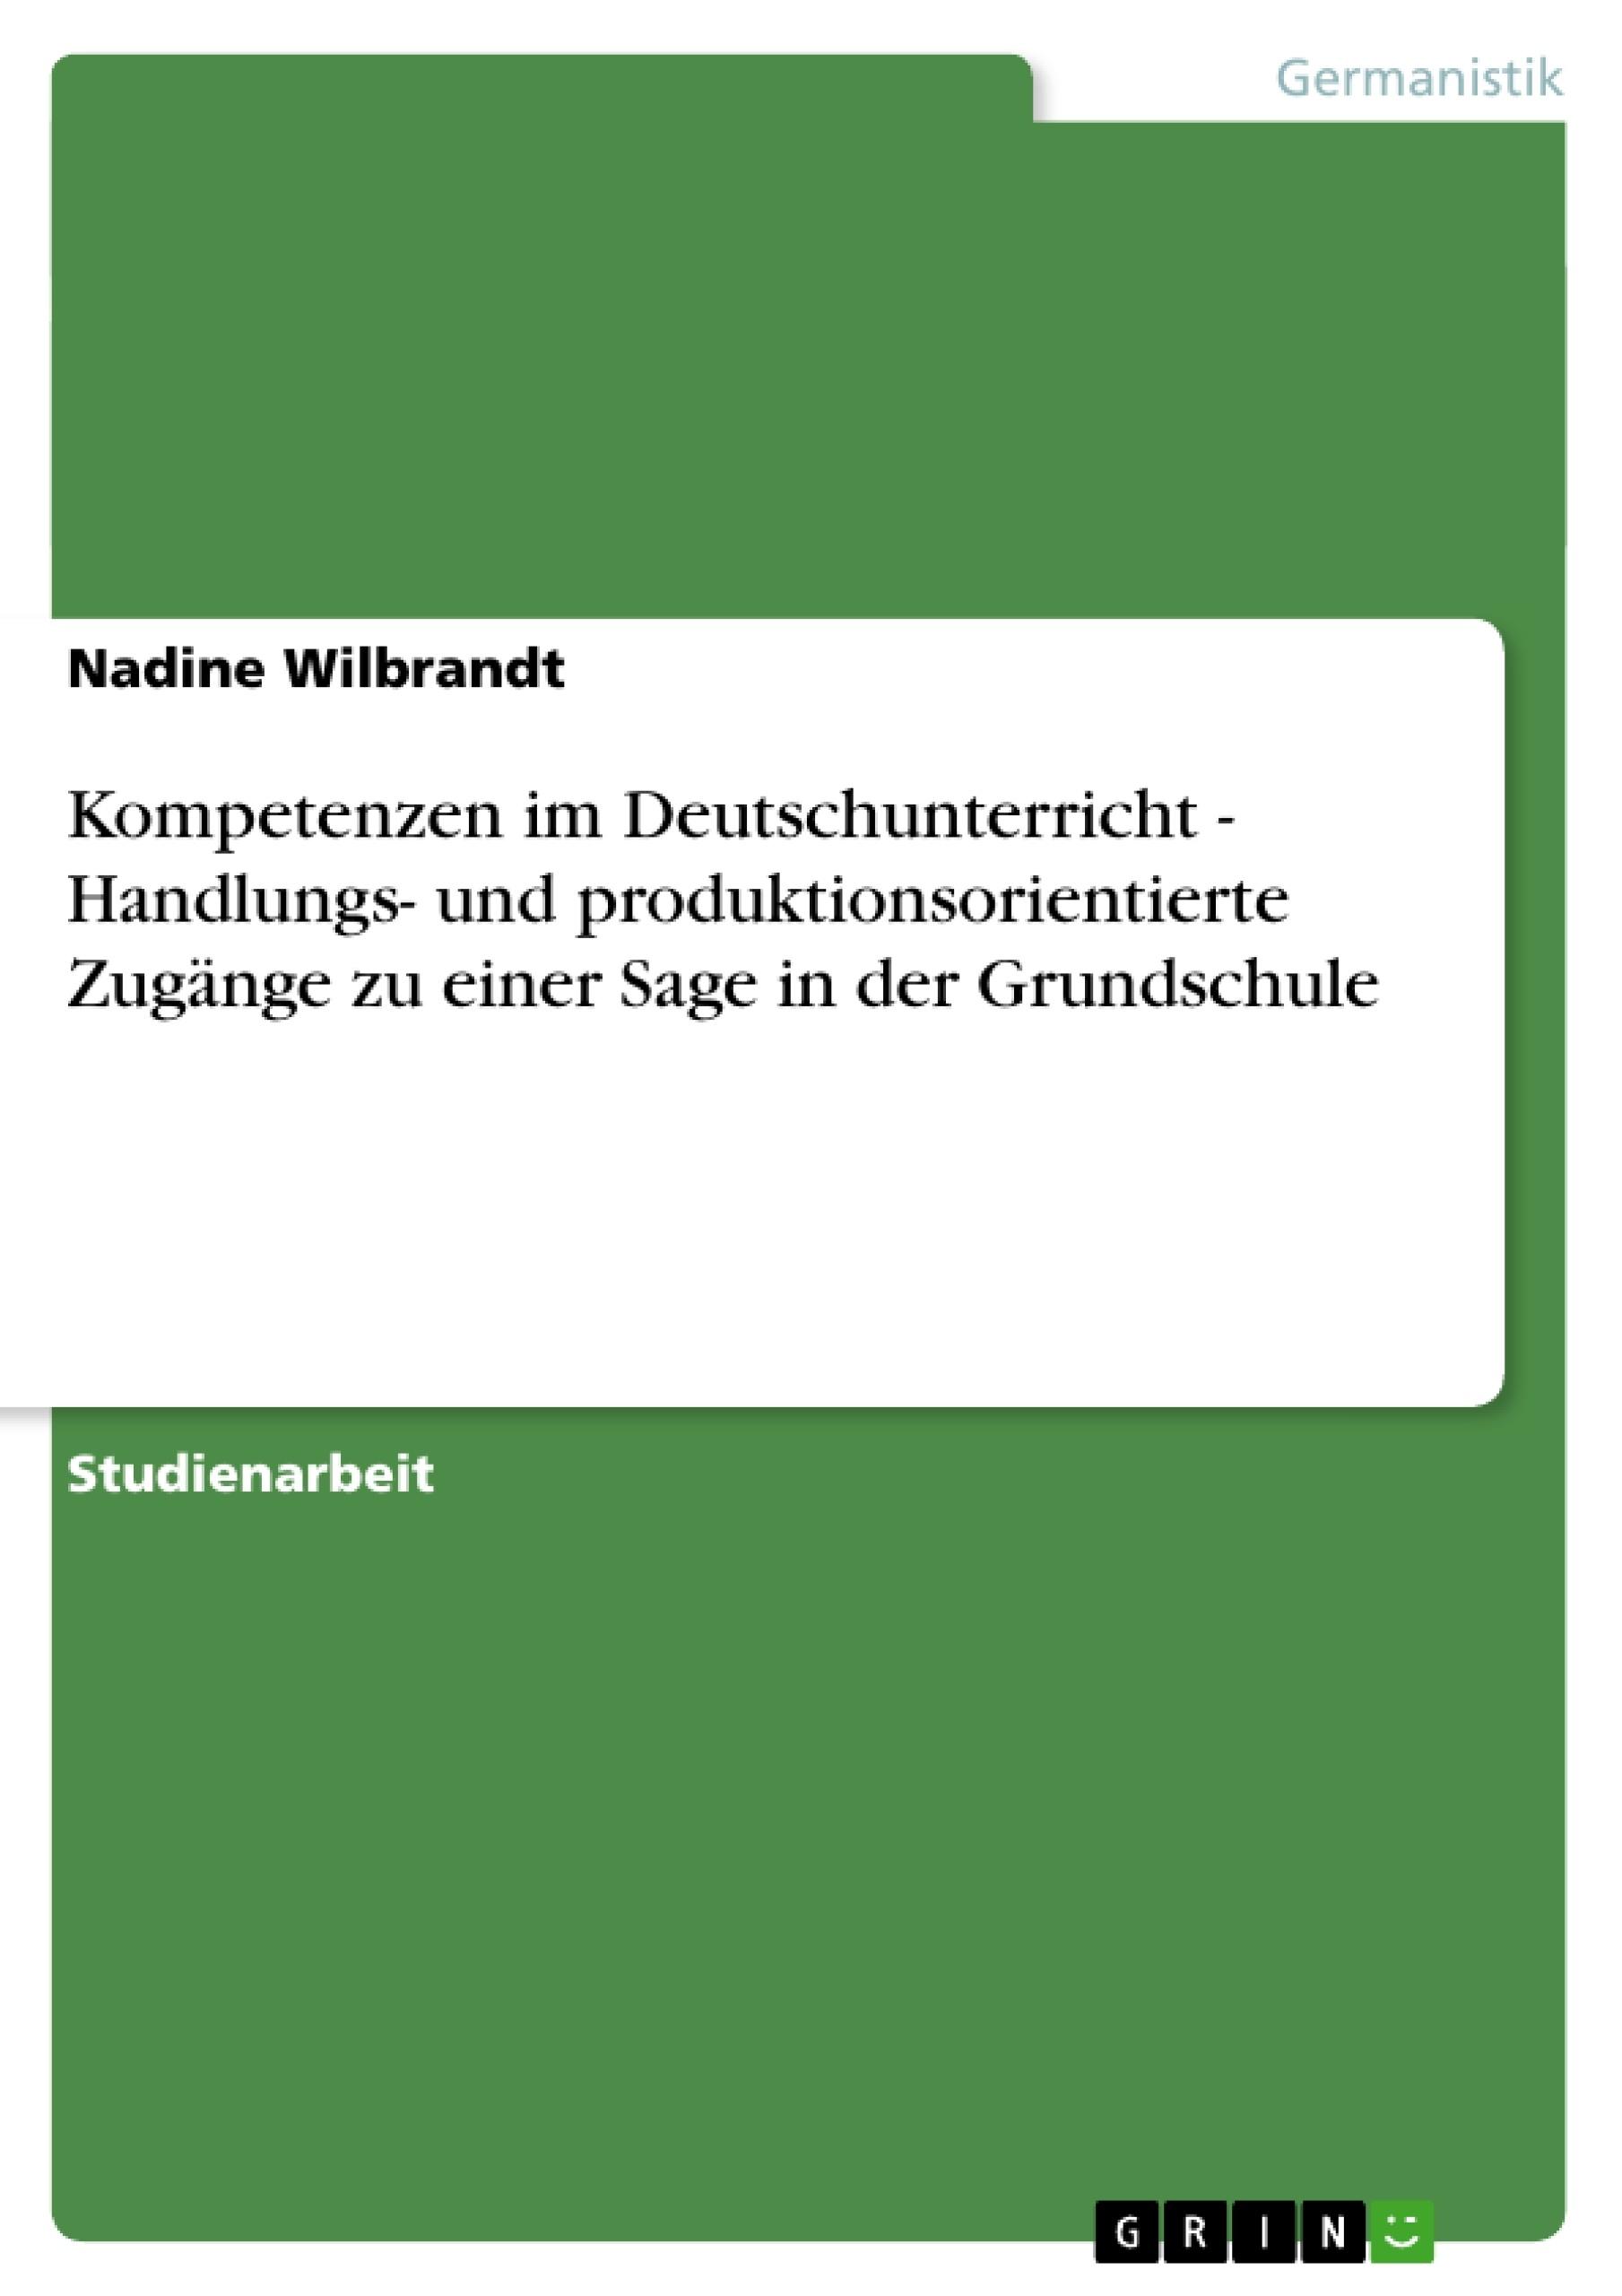 Titel: Kompetenzen im Deutschunterricht - Handlungs- und produktionsorientierte Zugänge zu einer Sage in der Grundschule